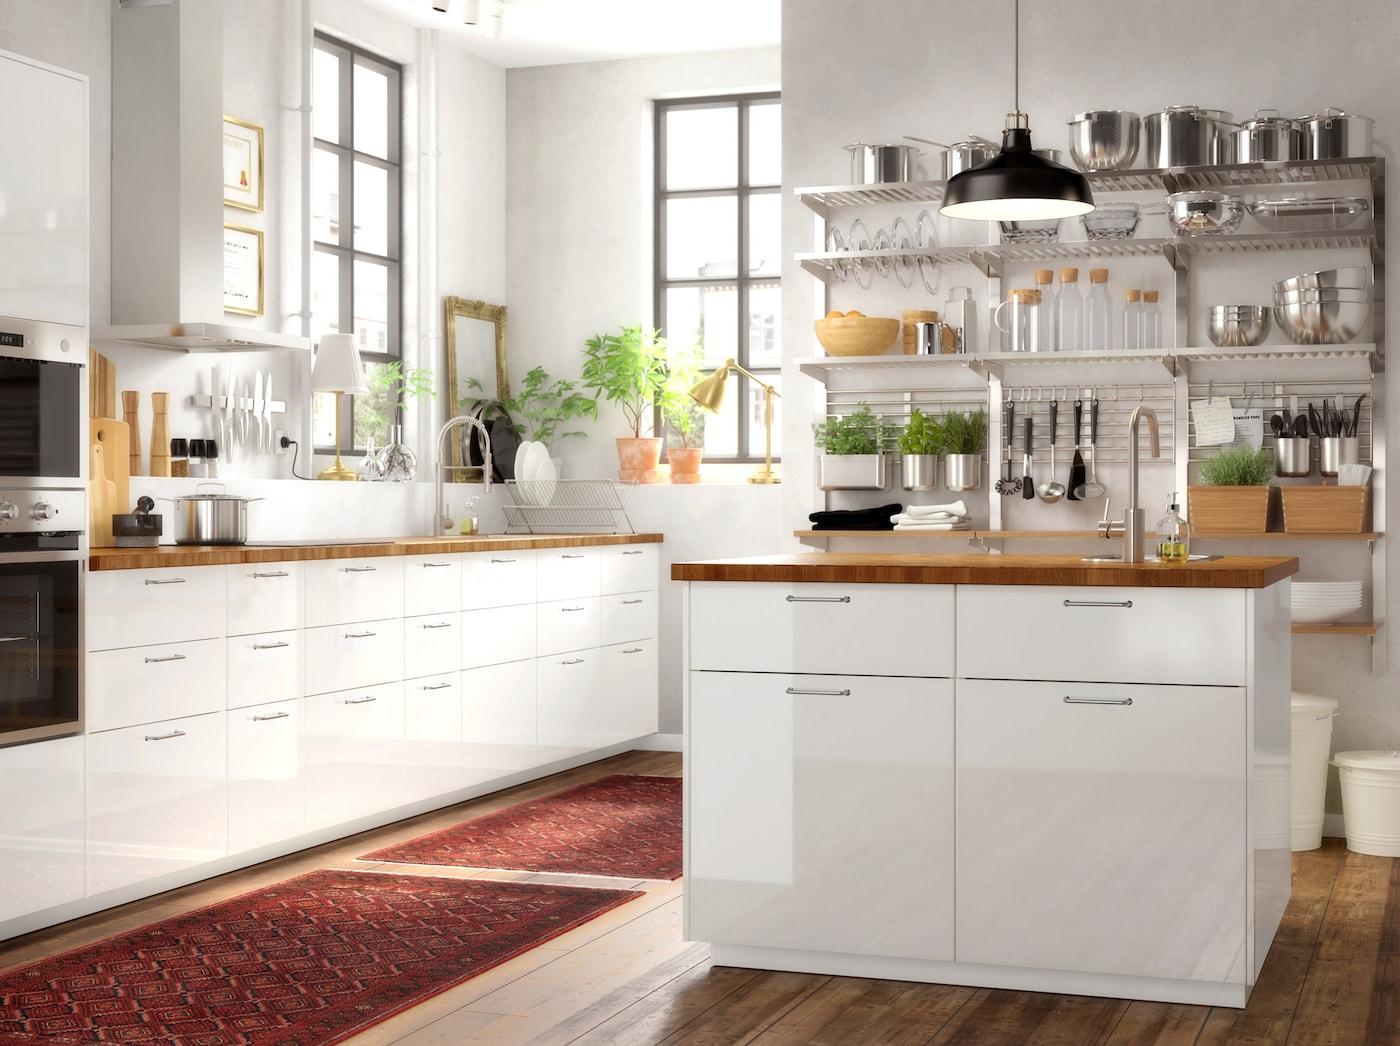 Stilvolle Küche Einrichtung & Accessoires IKEA